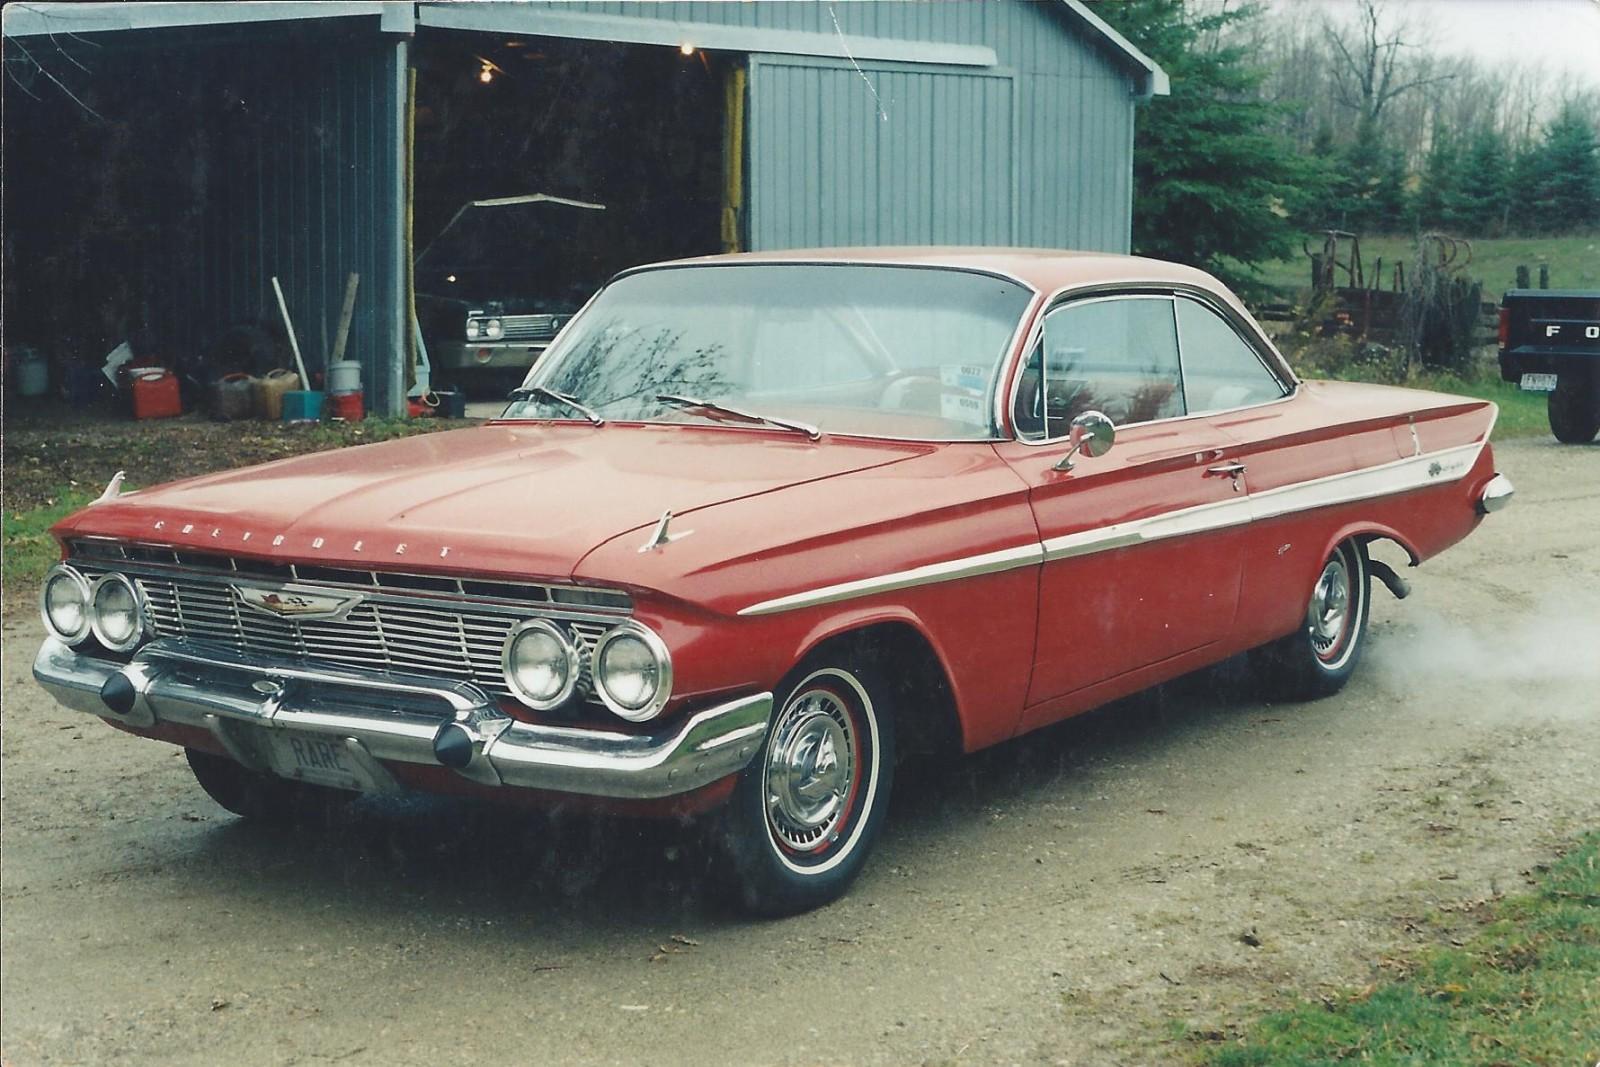 Barn Find! 1961 Chevrolet Impala